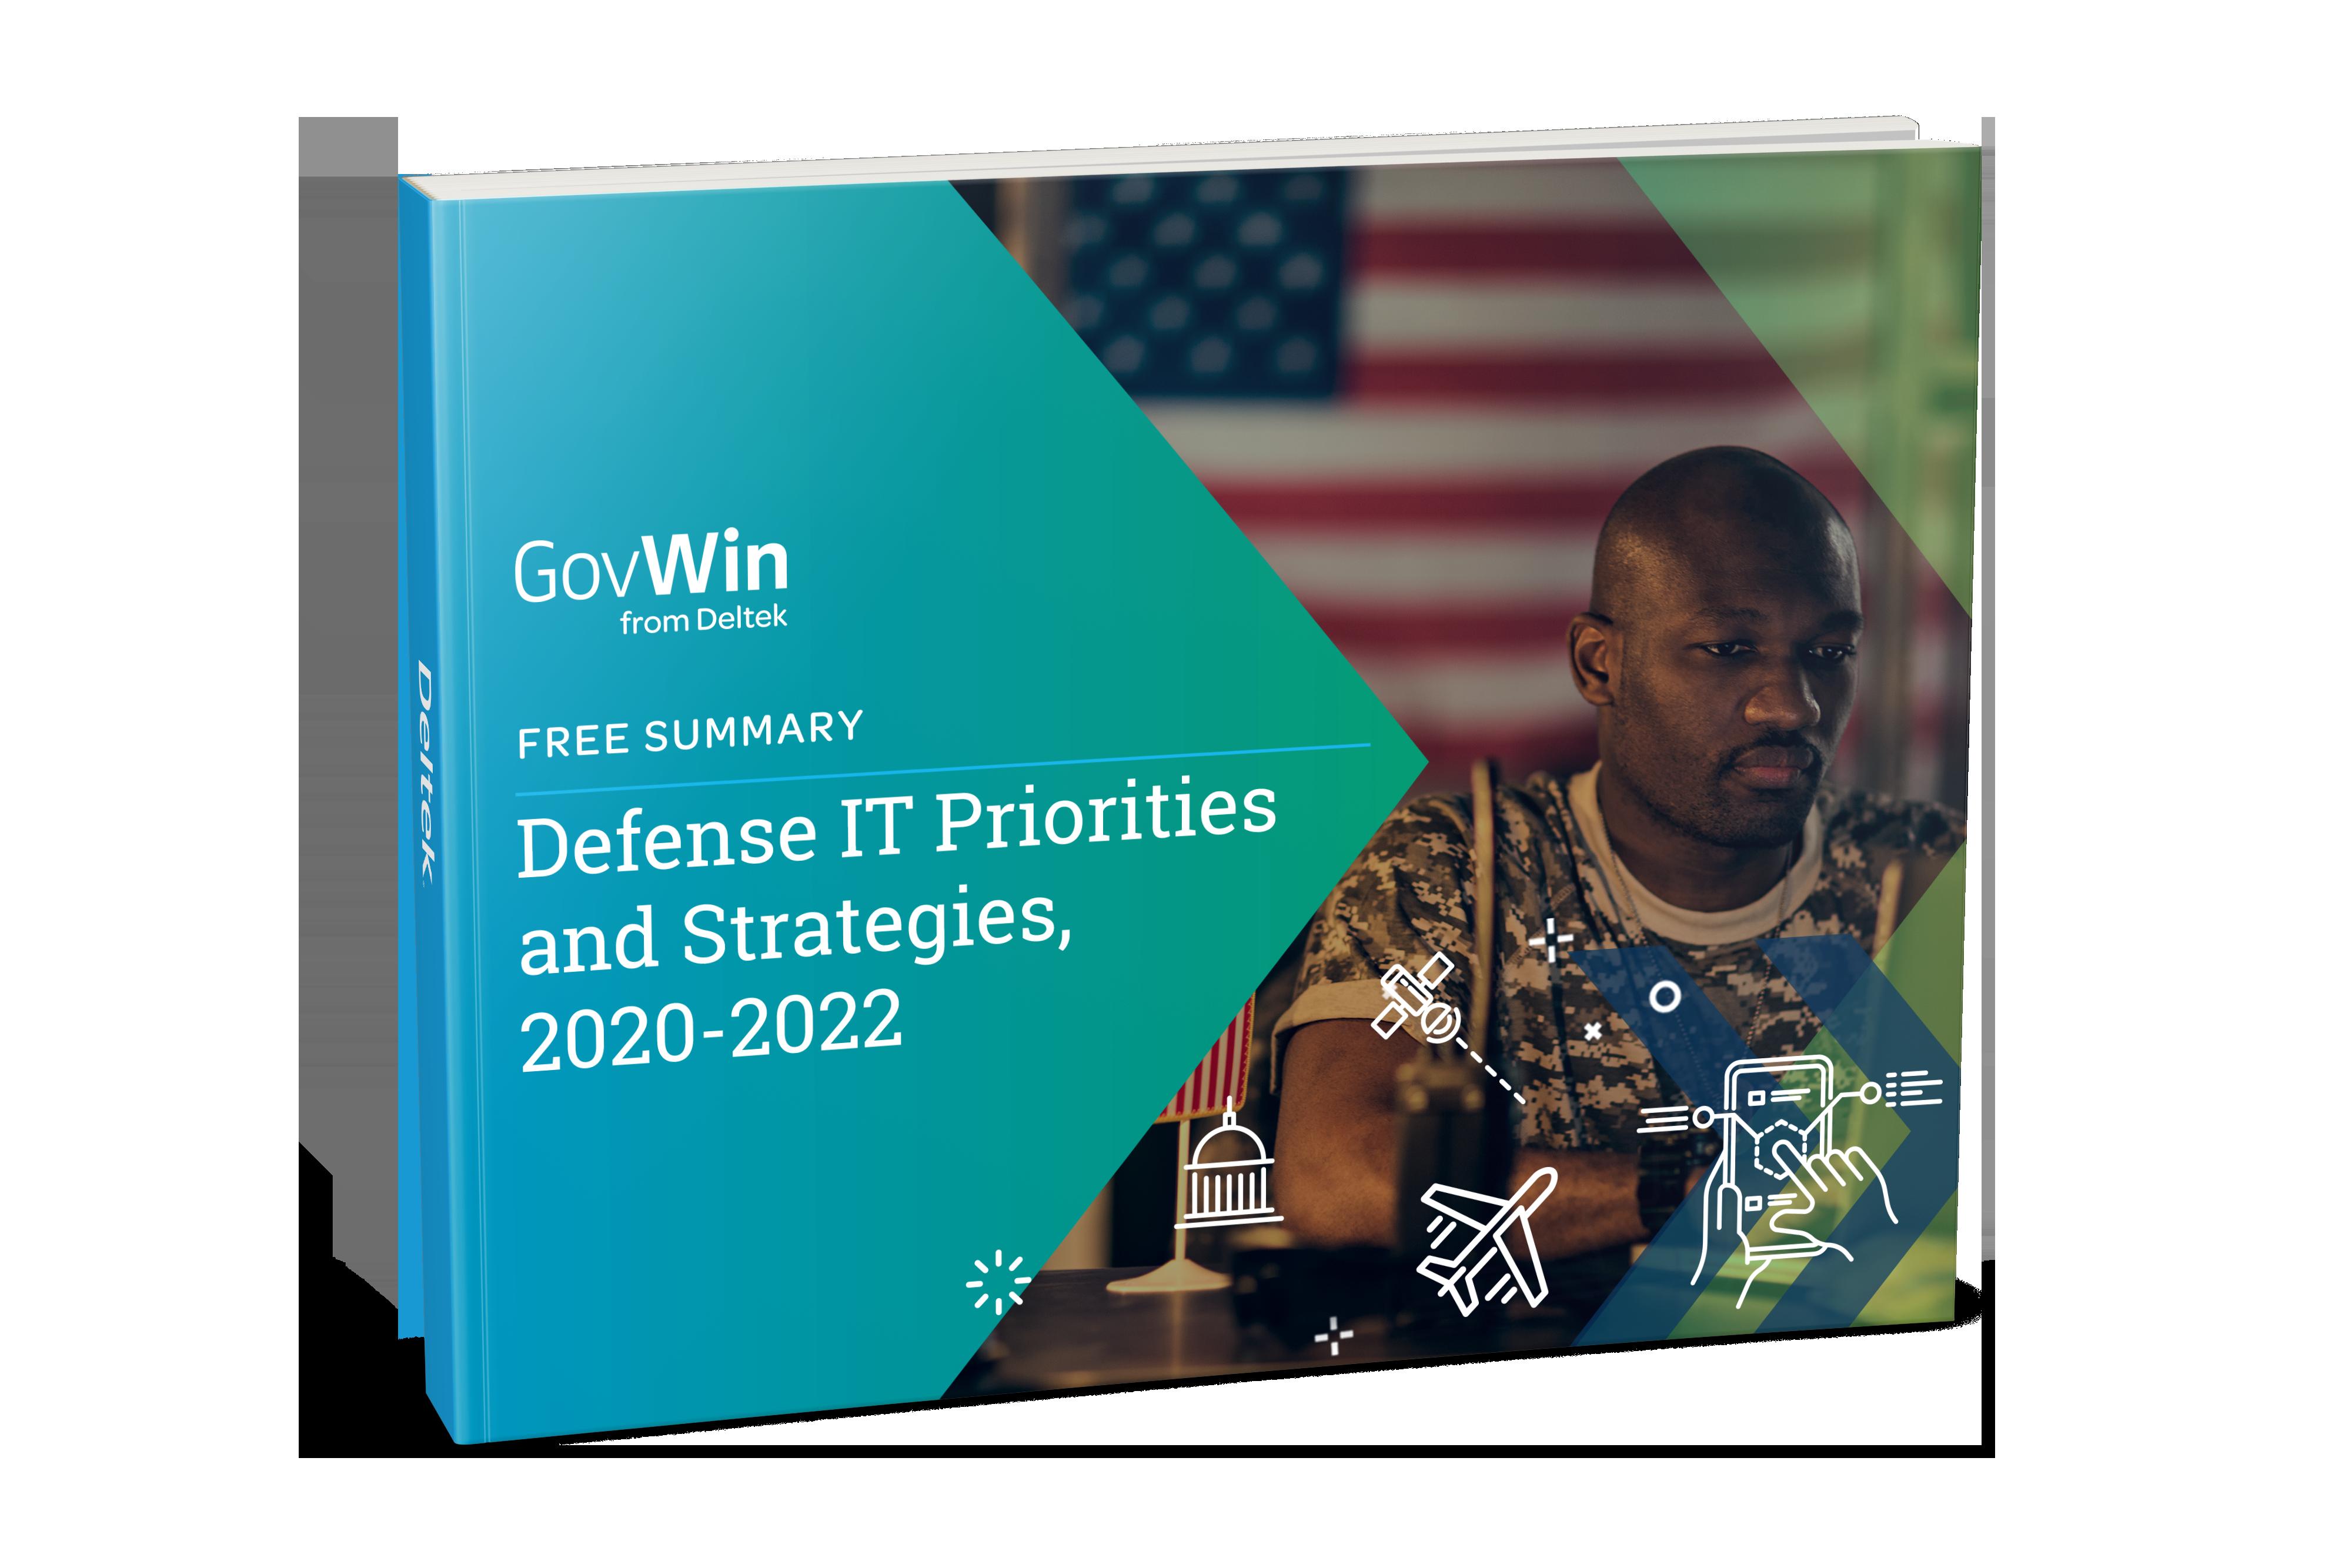 Defense IT Priorities and Strategies, 2020-2022